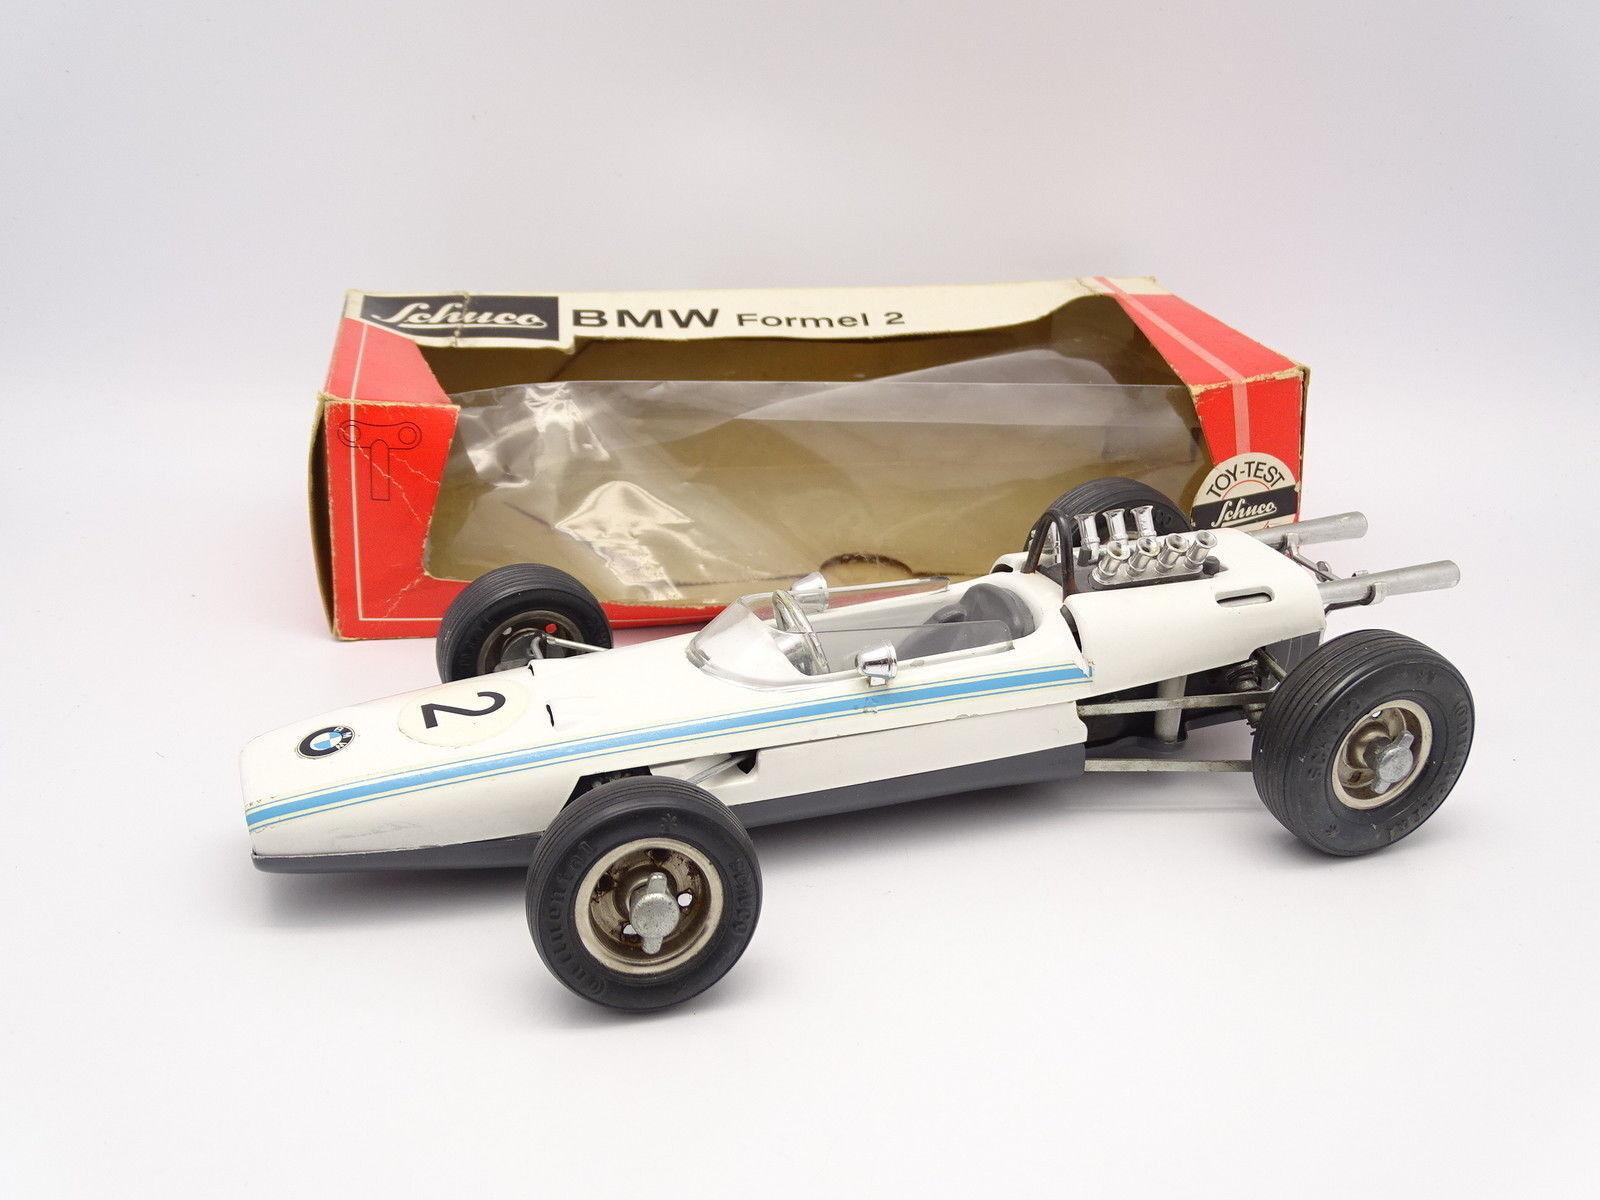 Schuco 1 16 con llave - F2 Formal 2 BMW 1072